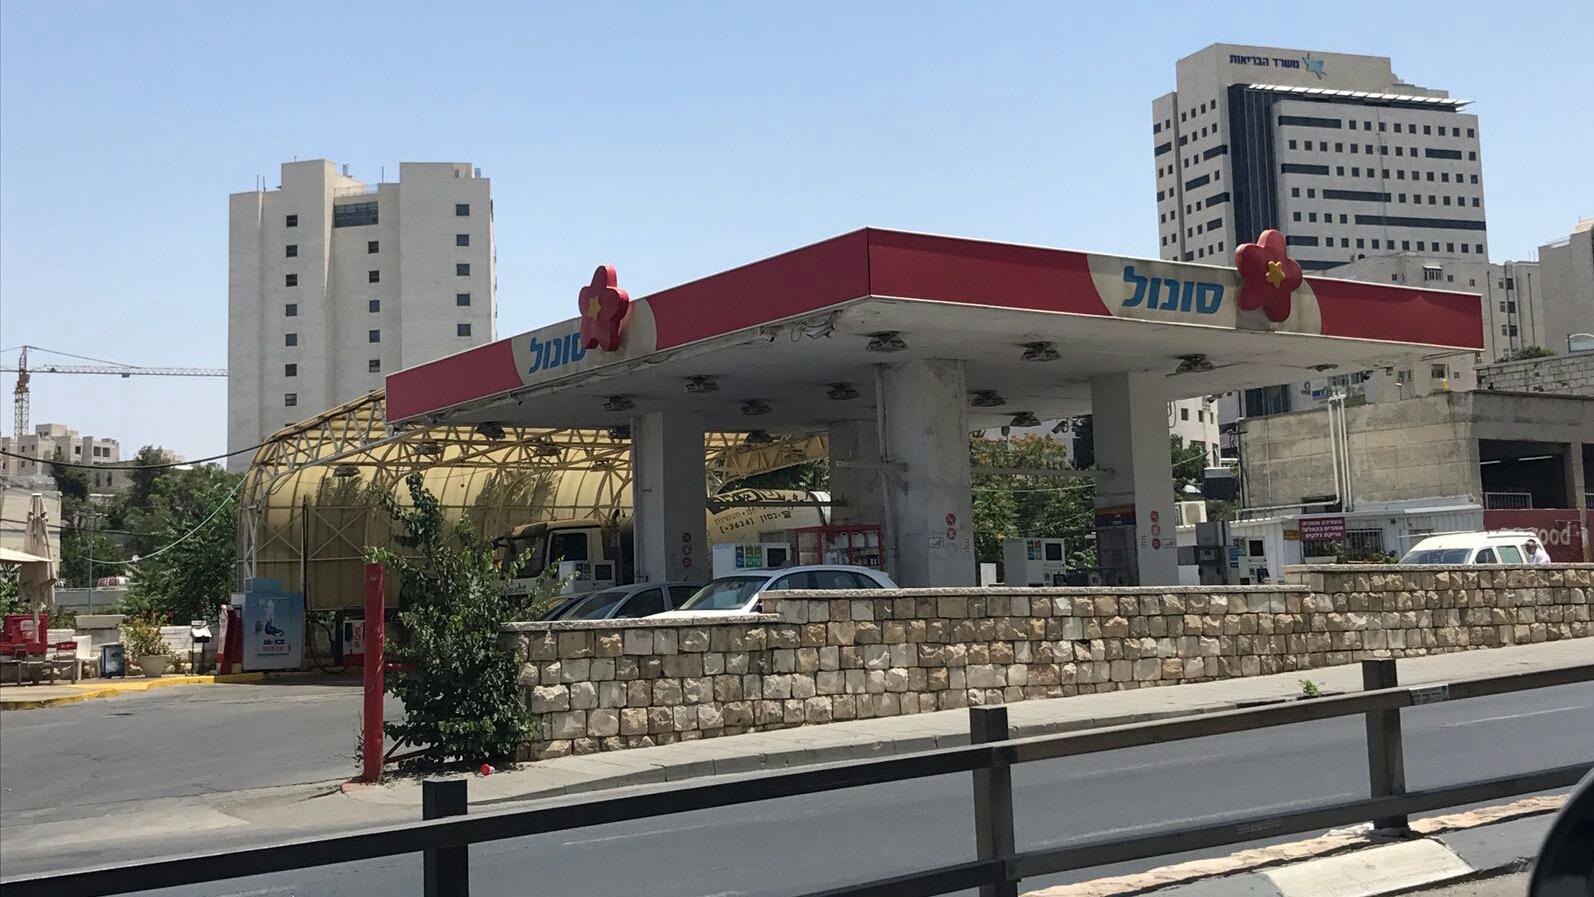 הנמוך מאז ינואר 2005: מחיר הדלק ירד ל-4.98 שקלים לליטר